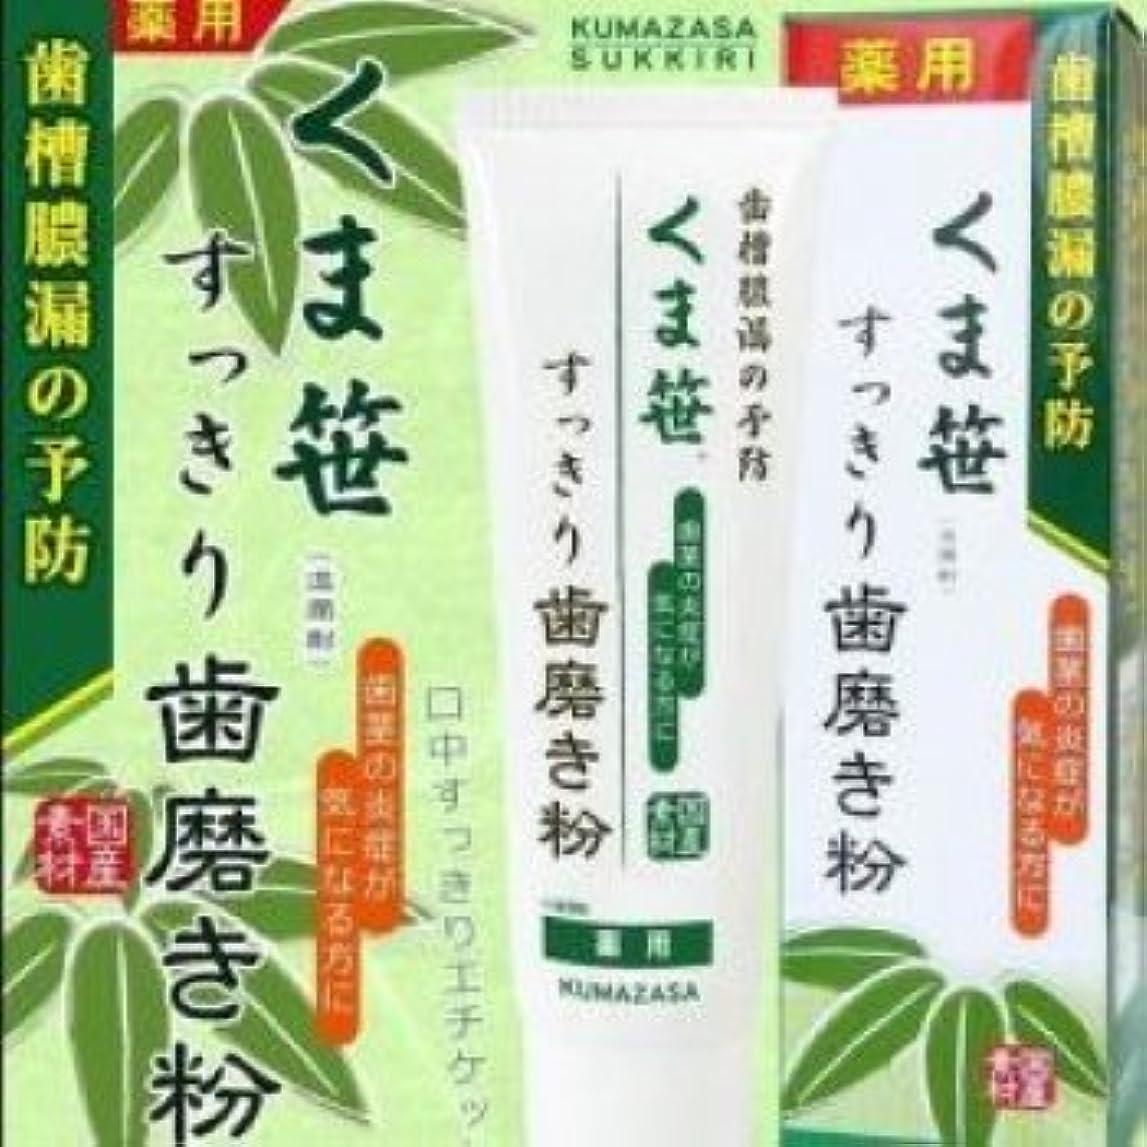 実業家用量マナー薬用くま笹すっきり歯磨き粉